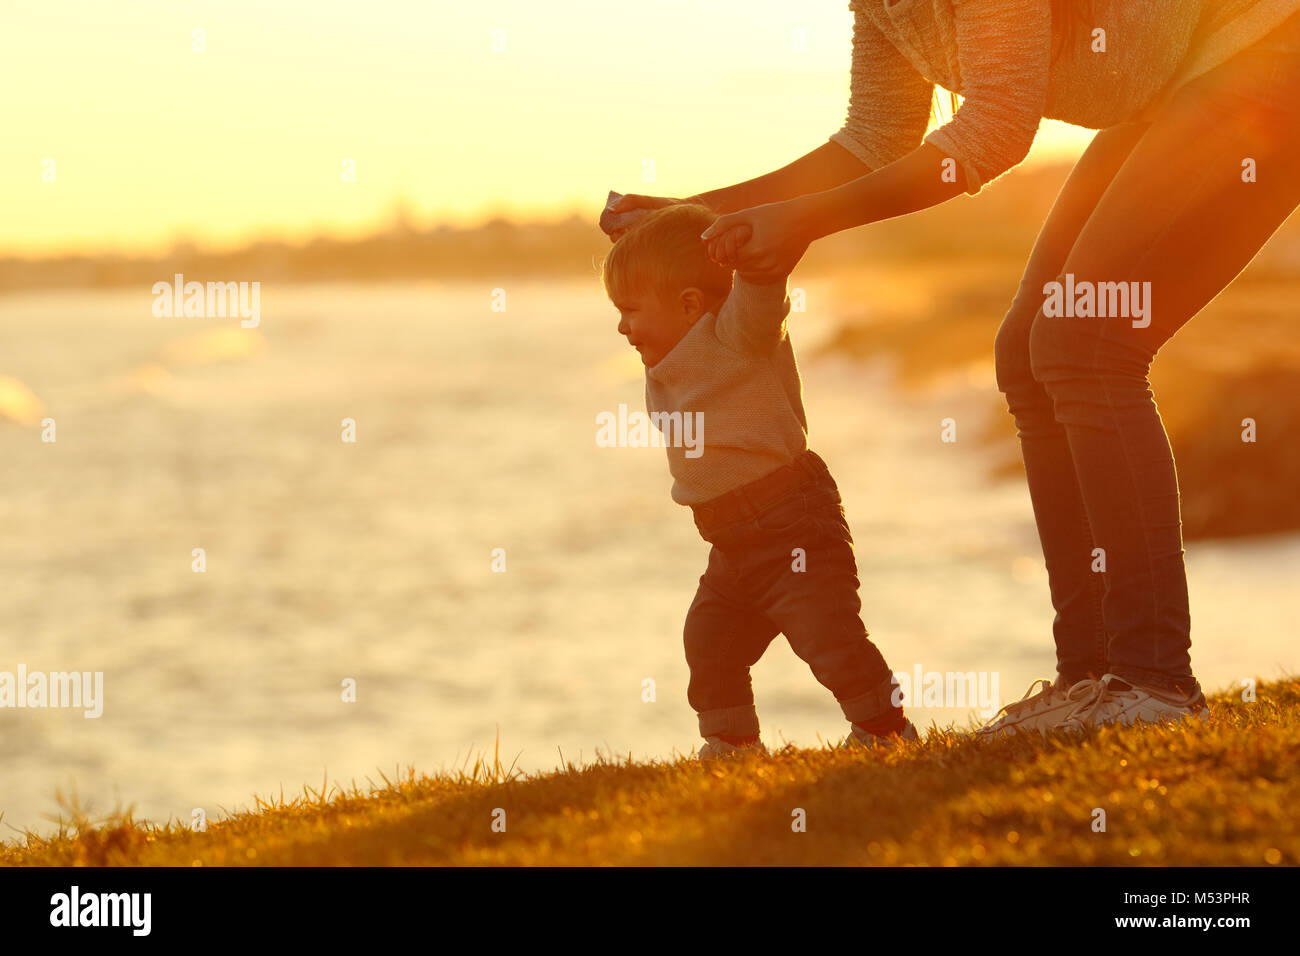 Hintergrundbeleuchtung Silhouette einer zuversichtlich Baby lernen zu gehen, und seine Mutter hilft ihm bei Sonnenuntergang Stockfoto